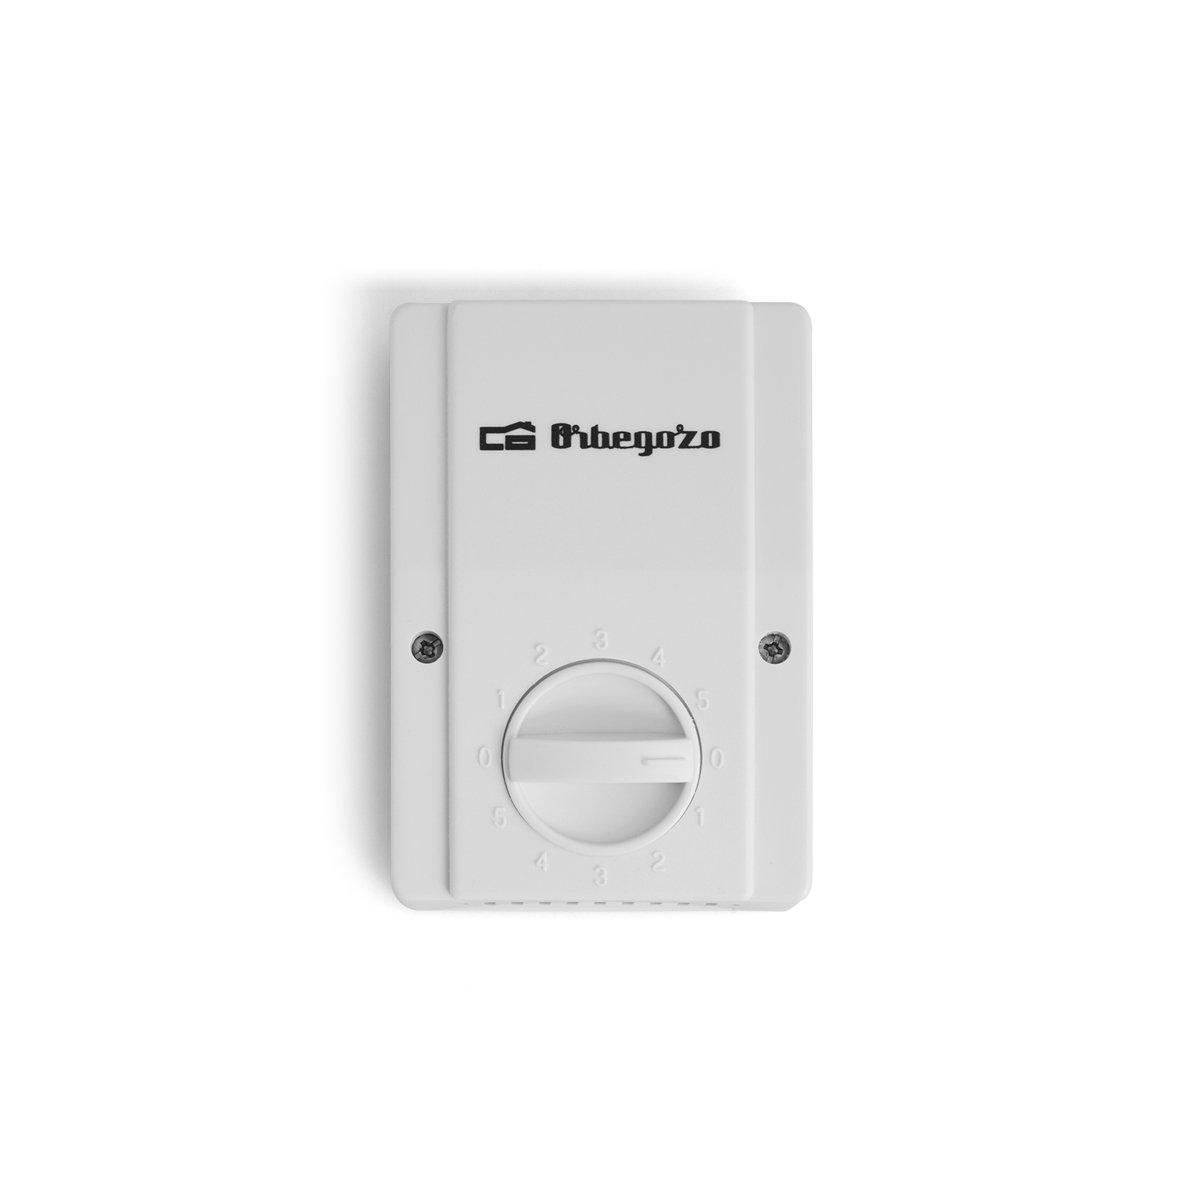 Orbegozo CF 85120 - Ventilador de Techo, diámetro 120 cm, 70 W, 5 velocidades, Mando de Pared, 3 Palas metálicas, Color Blanco: Amazon.es: Hogar